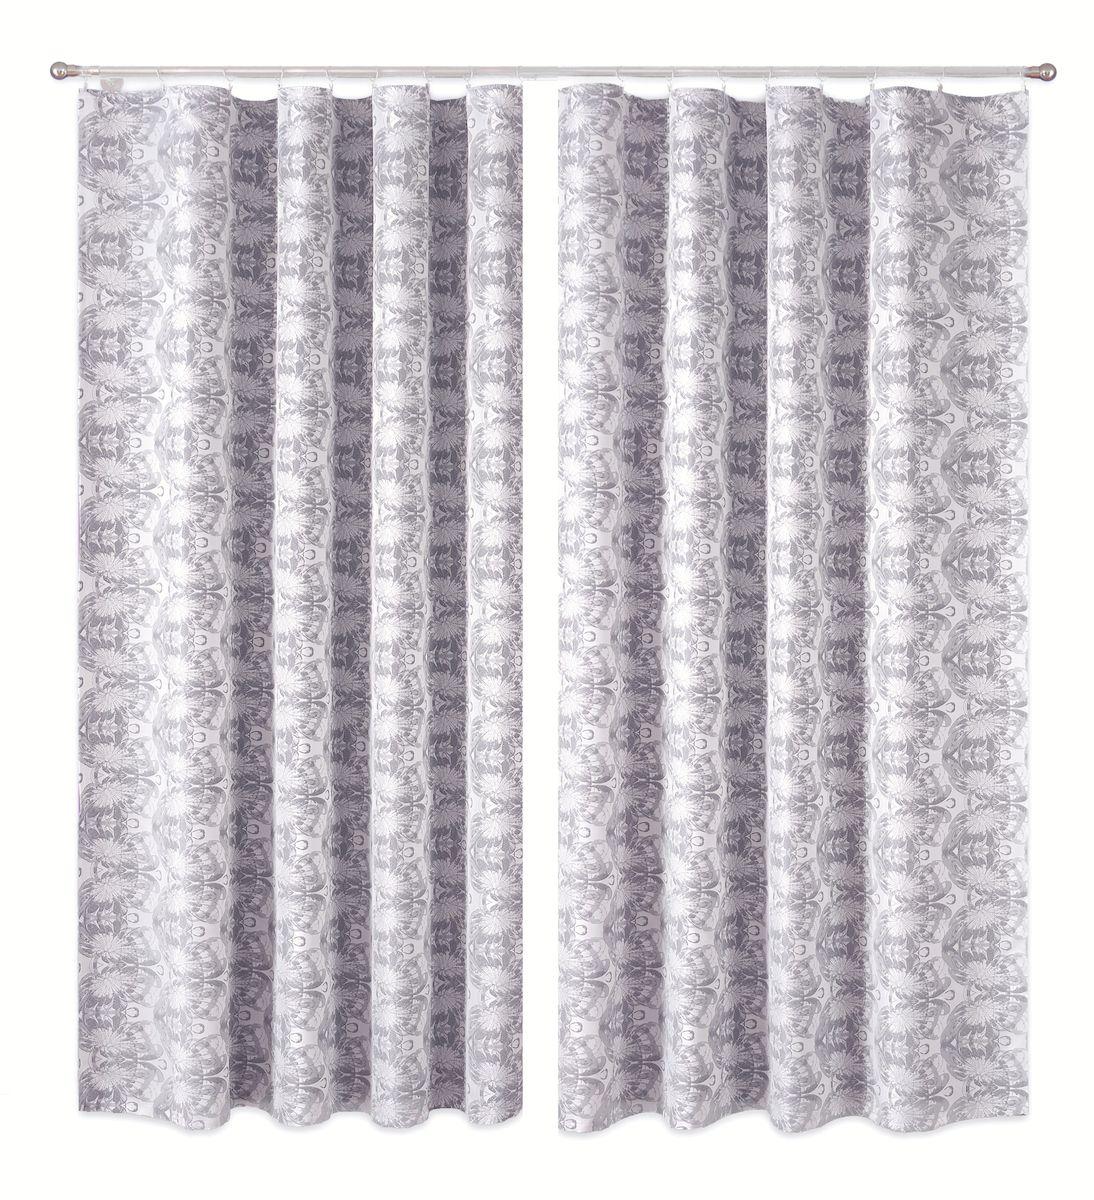 Комплект штор P Primavera Firany, цвет: серый, белый, высота 250 см. 11100131110013Комплект штор из полиэстровой жаккардовой ткани с пришитой шторной лентой. Размер - ширина 180 см высота 250см. Набор 2 штуки. Цвет серо-белый. Размер: ширина 180 х высота 250